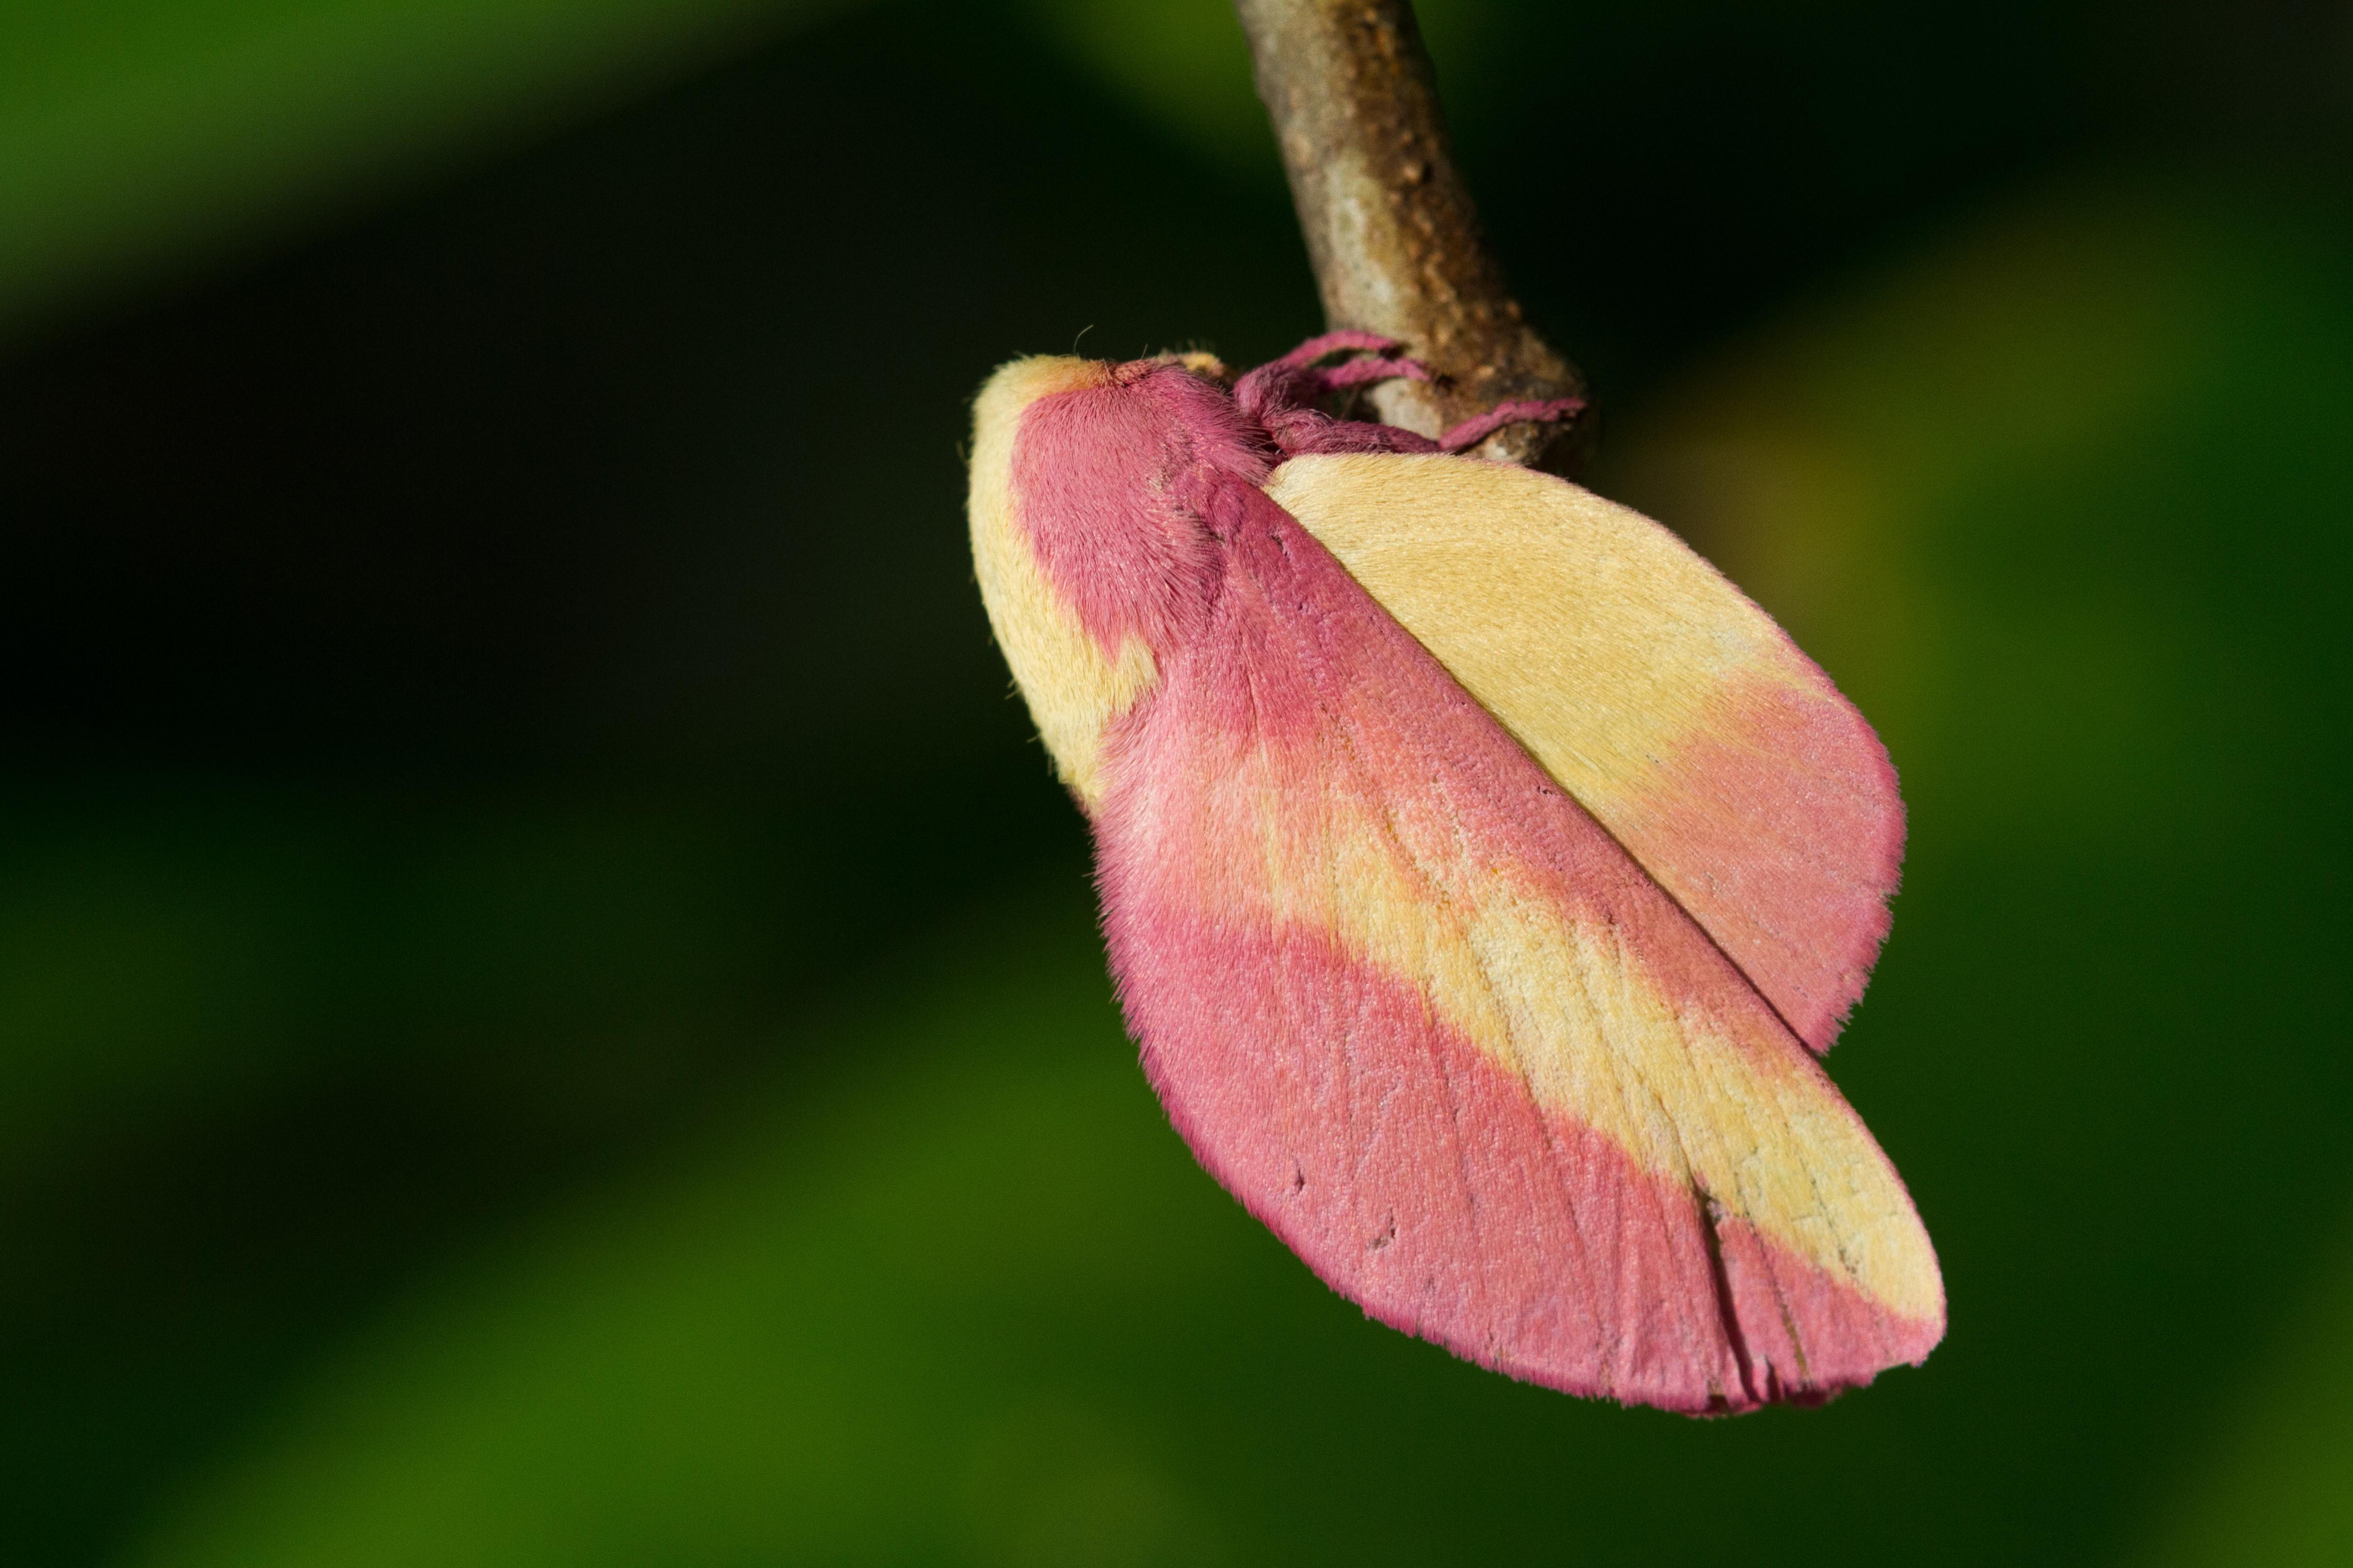 Mariposa chama atenção pela textura aveludada em tons de rosa